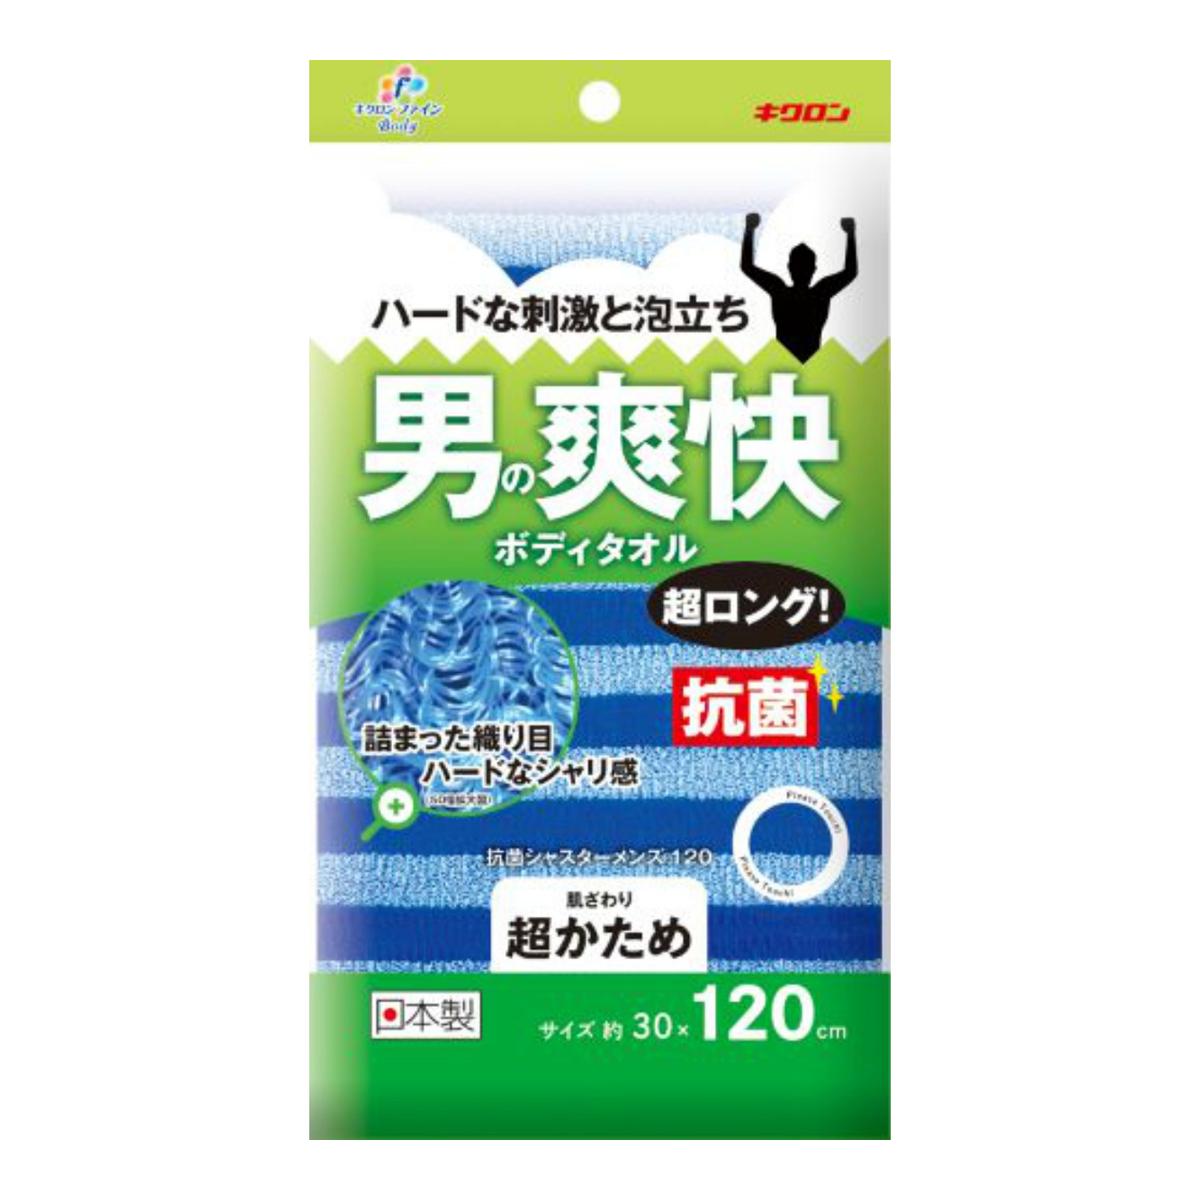 【送料無料・まとめ買い×060】キクロン ファイン 抗菌シャスターメンズ 120 ×060点セット(4548404201495)